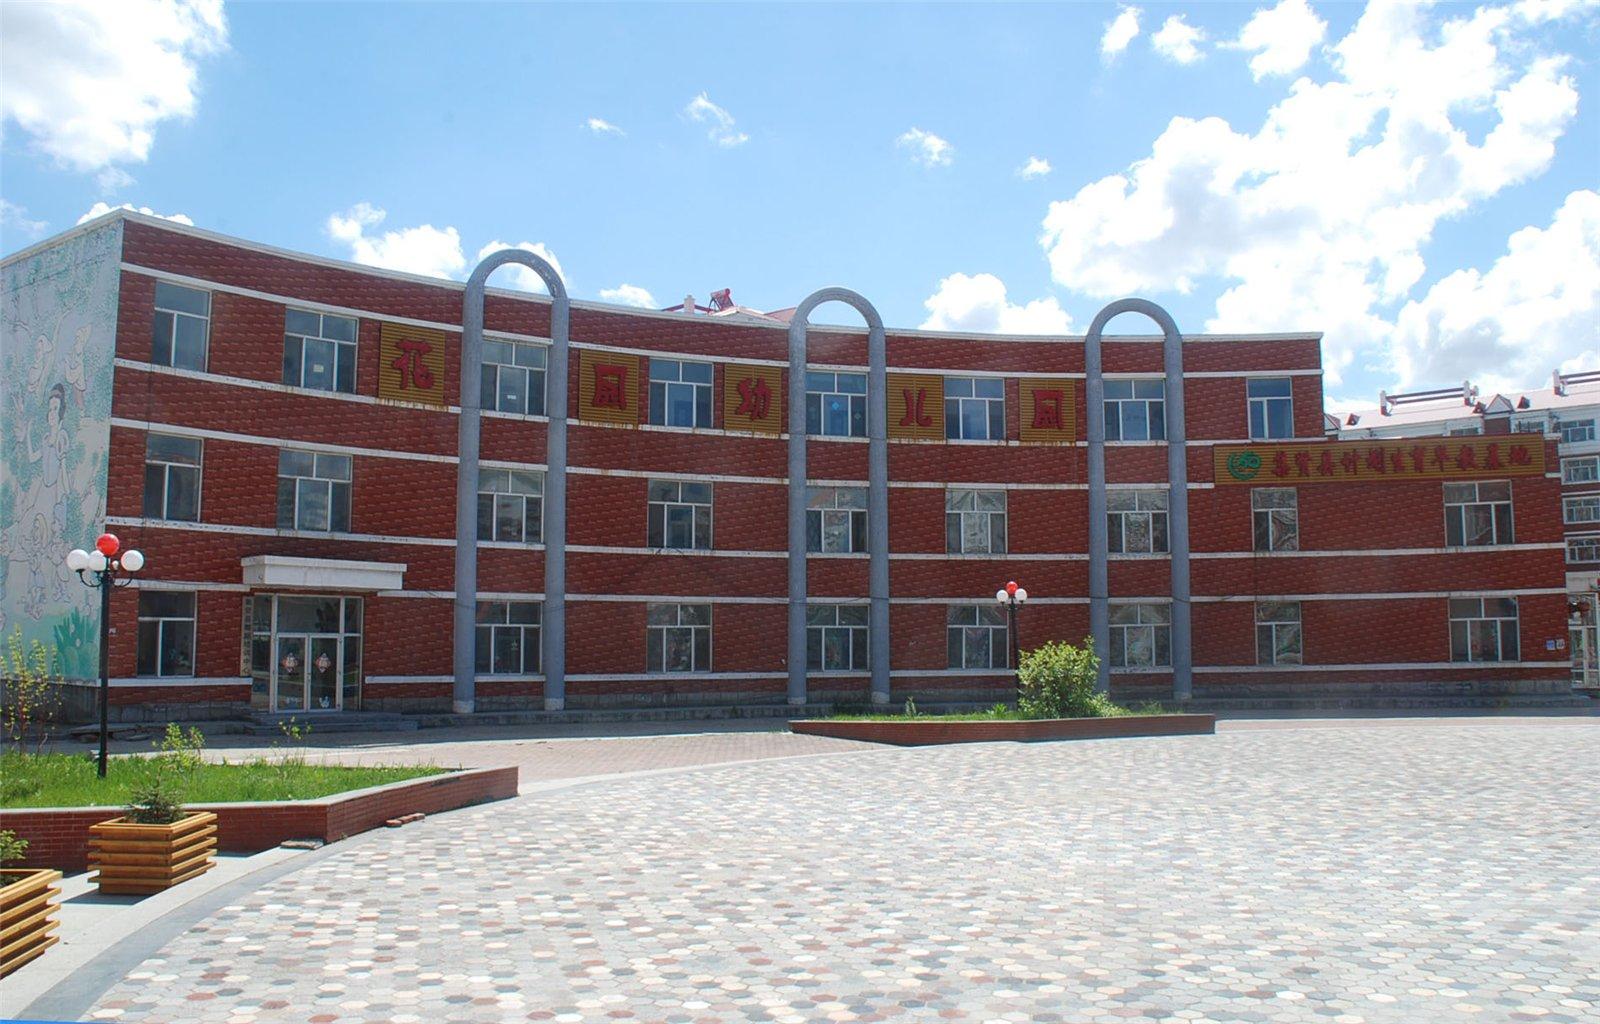 集贤县花园幼儿园位于集贤县福利镇花园现代城